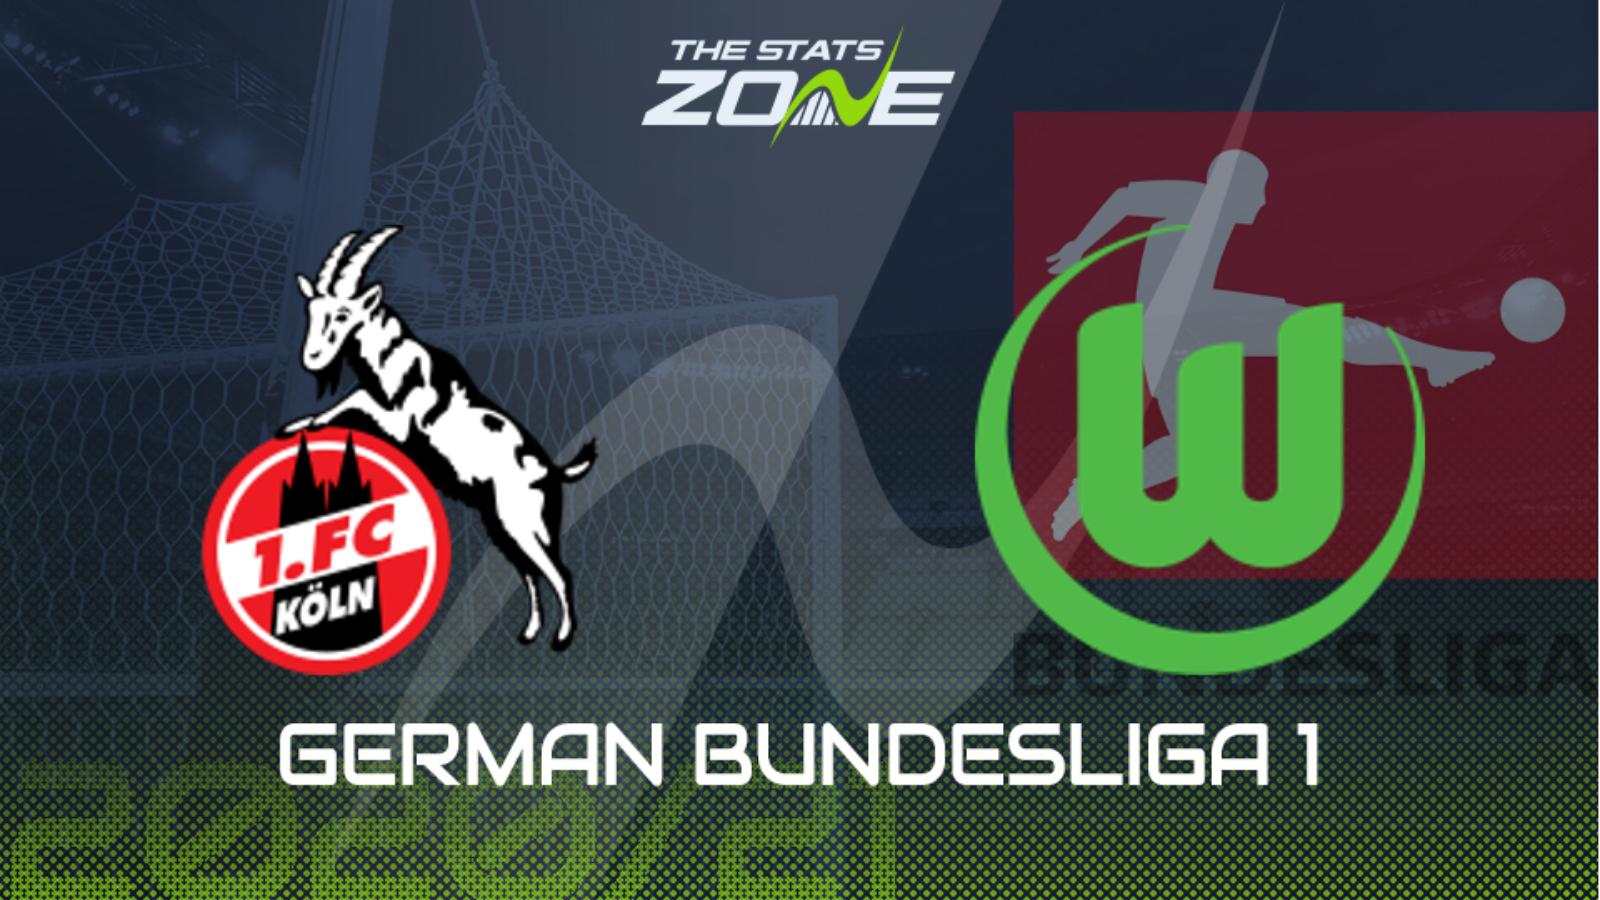 2020 21 German Bundesliga Koln Vs Wolfsburg Preview Prediction The Stats Zone